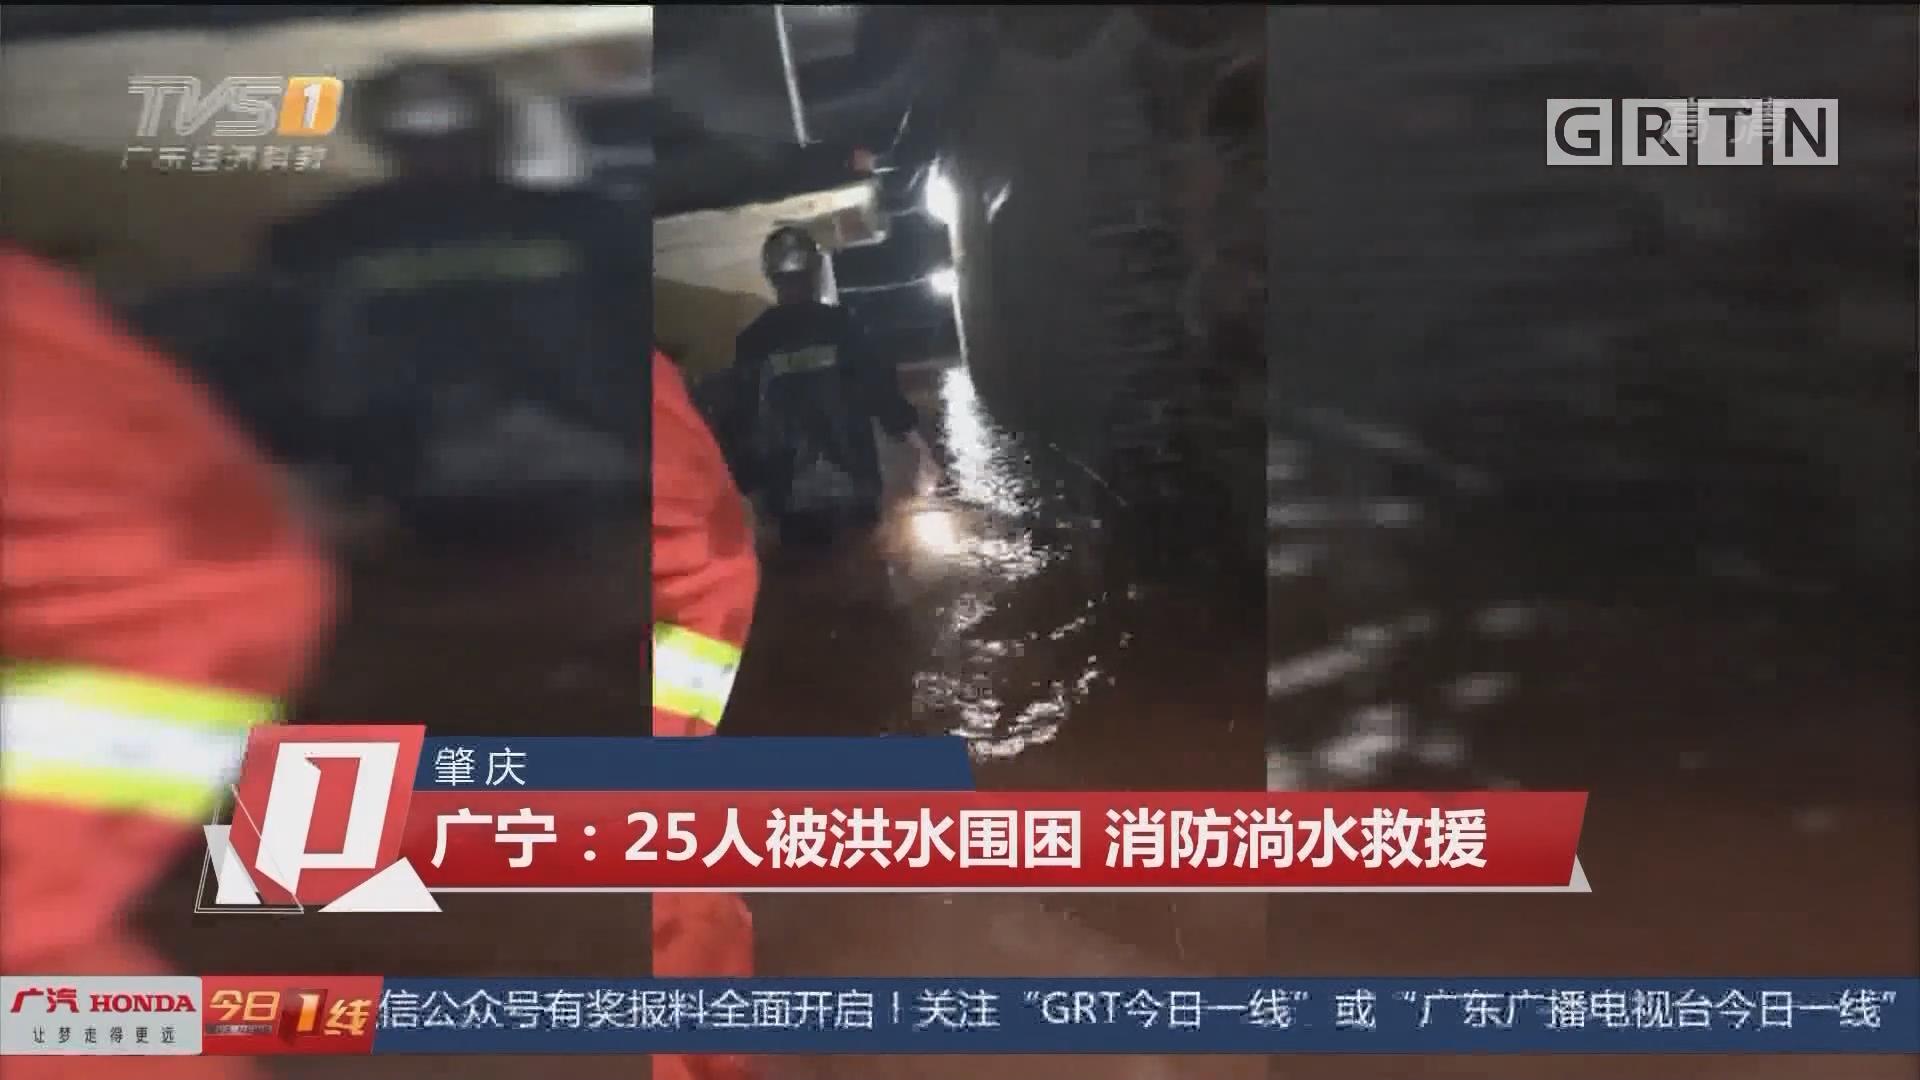 肇庆 广宁:25人被洪水围困 消防淌水救援